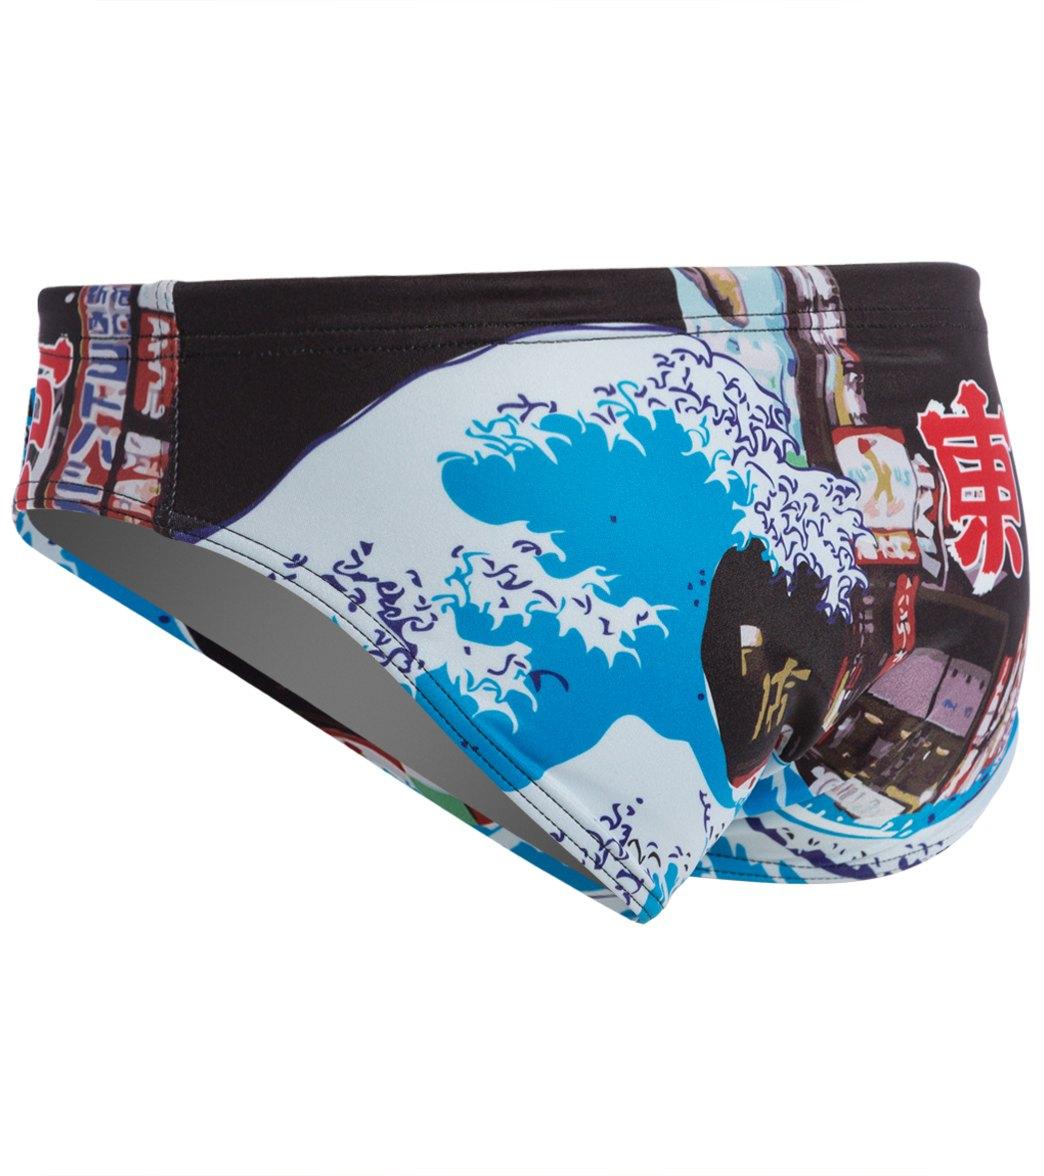 a90956908 Turbo Water Polo Swimwear